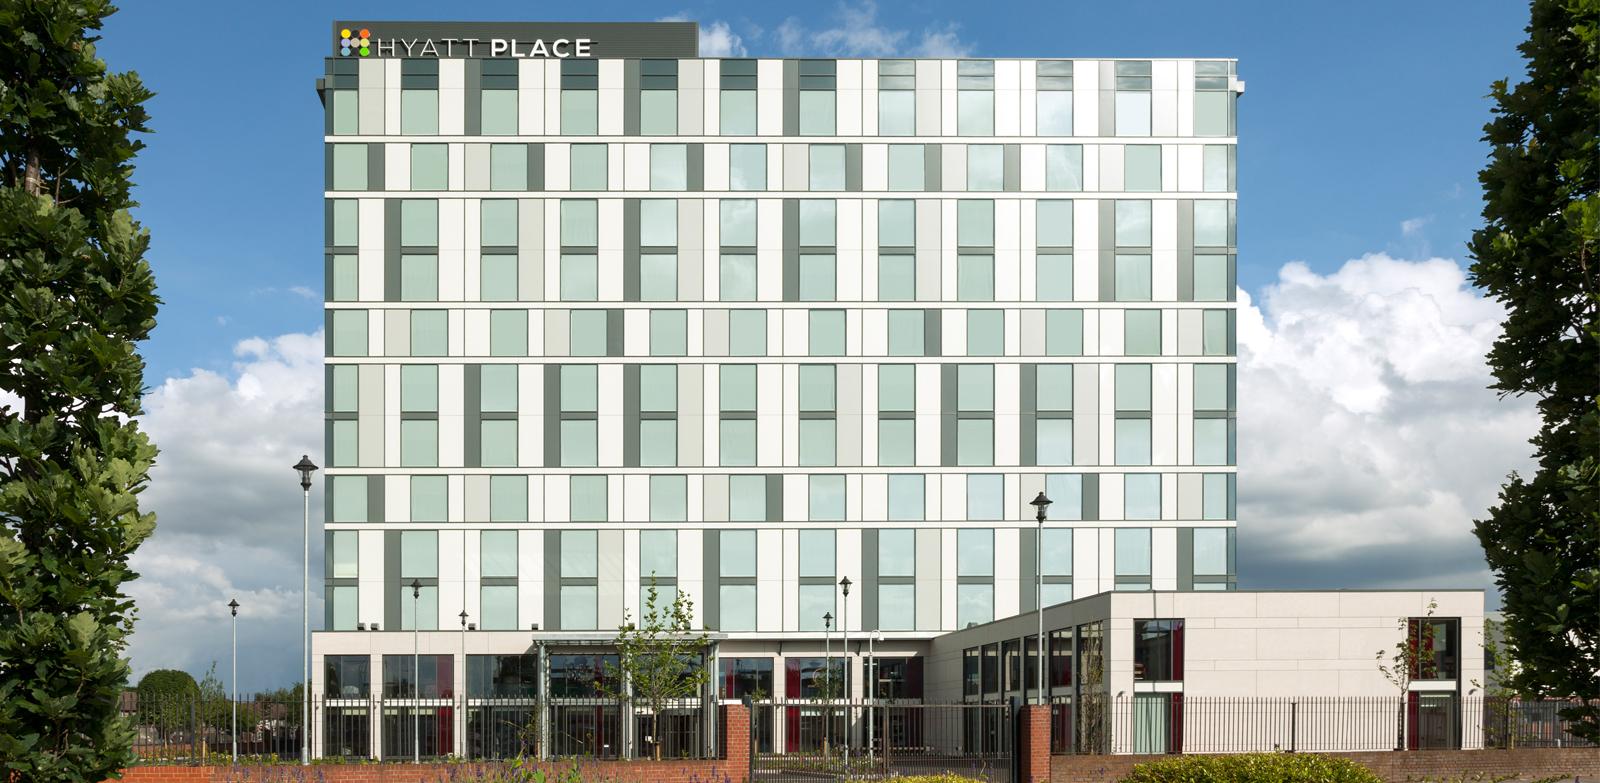 Hyatt House Banner - Juttla Architects